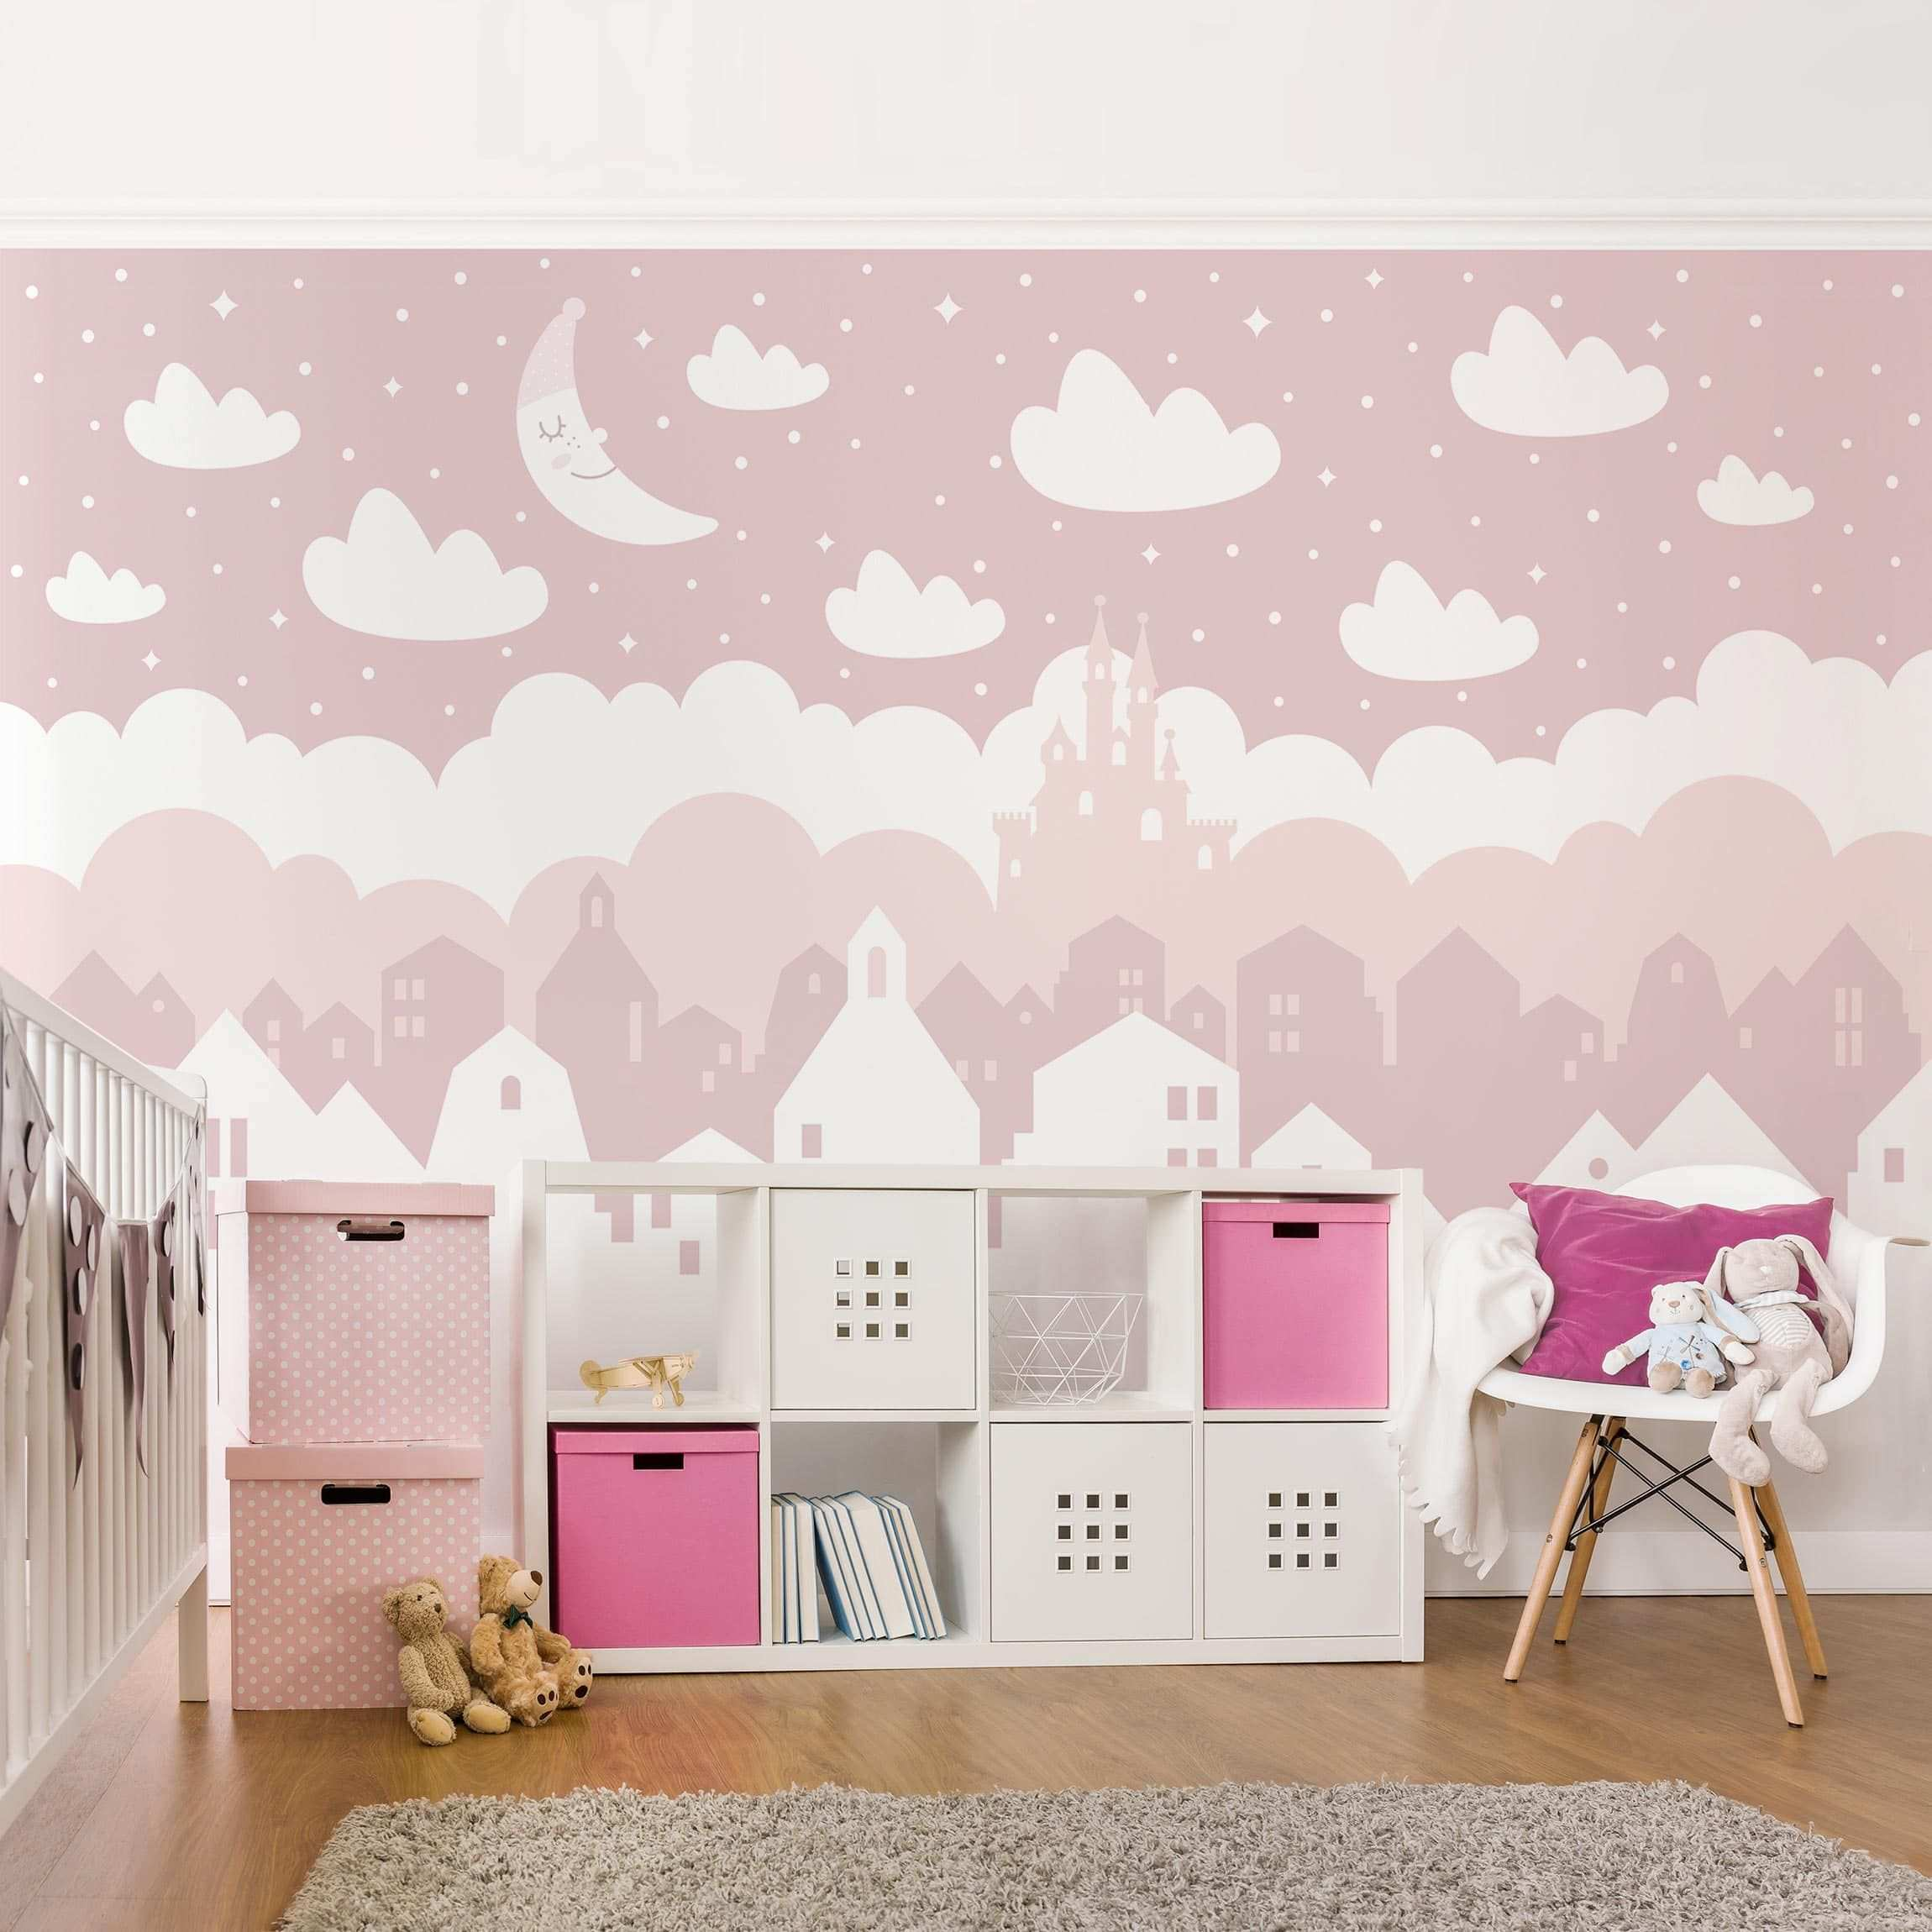 Vliestapete Kinderzimmer Sternenhimmel Mit Hausern Und Mond In Rosa Fototapete Breit Vliestapete Kinderzimmer Kinder Zimmer Wandgestaltung Madchenzimmer